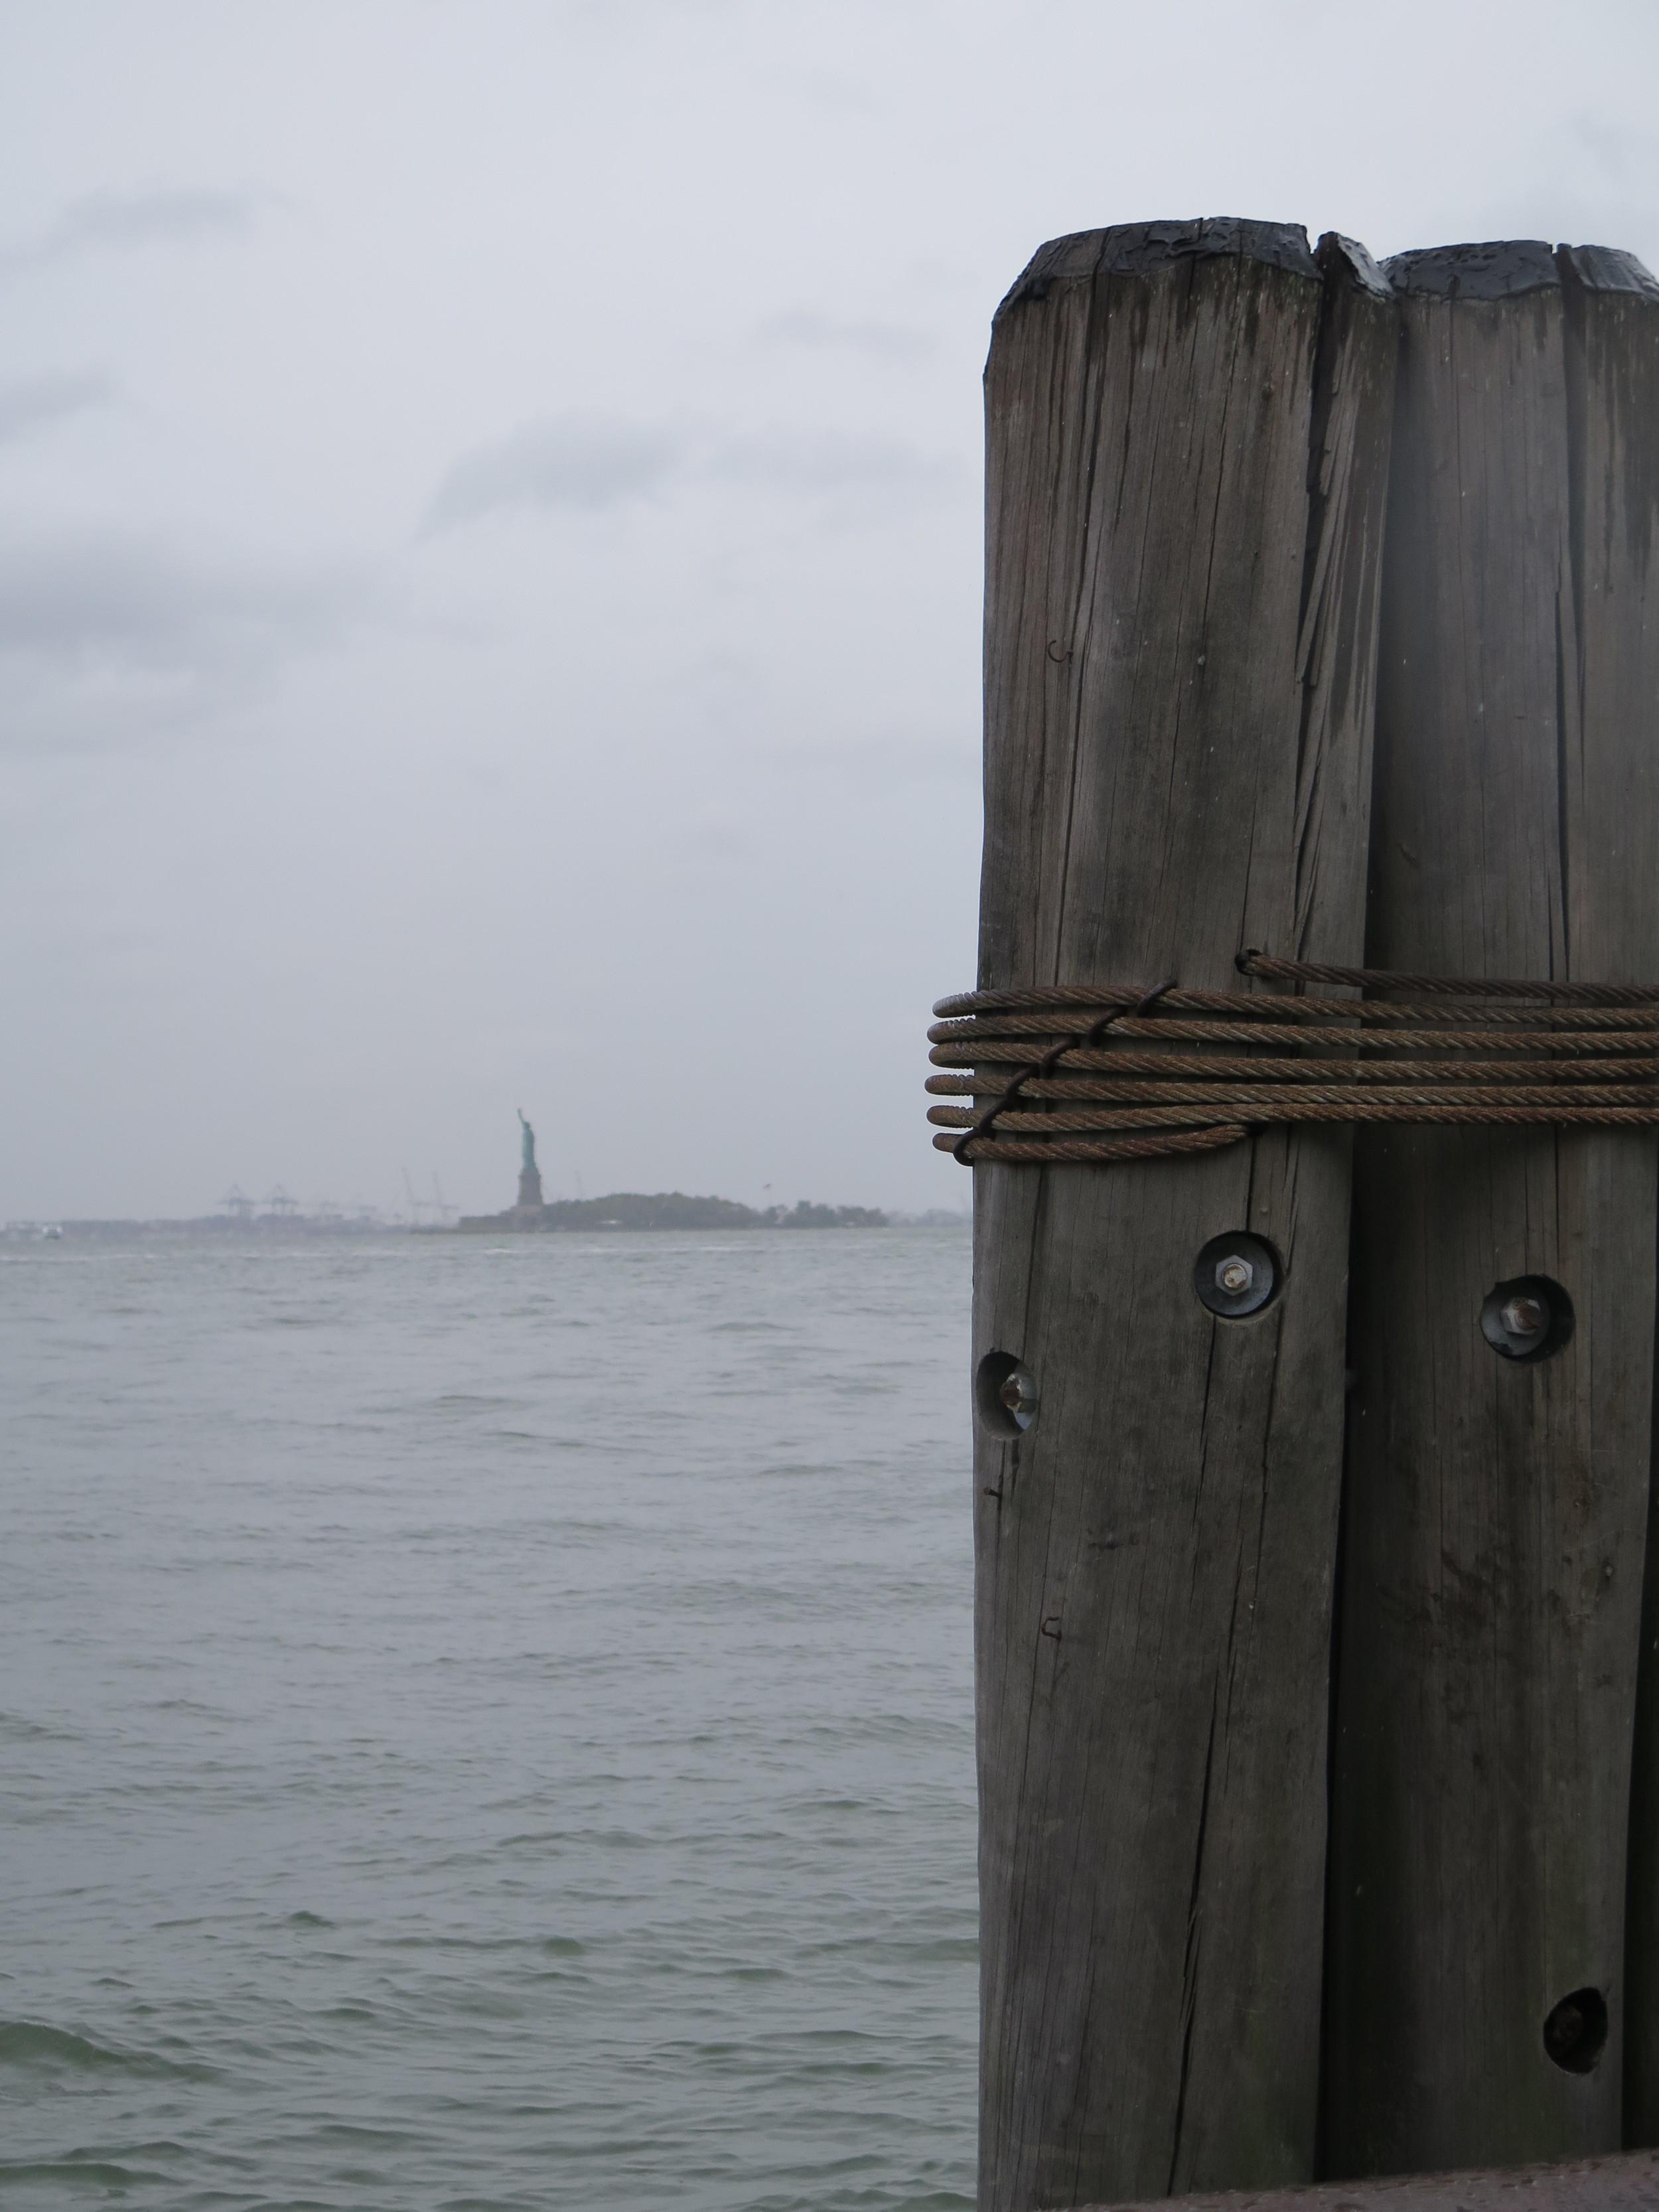 Utsikt over til Statue of Liberty fra Battery Park. Hun var mindre enn jeg hadde forestilt meg...